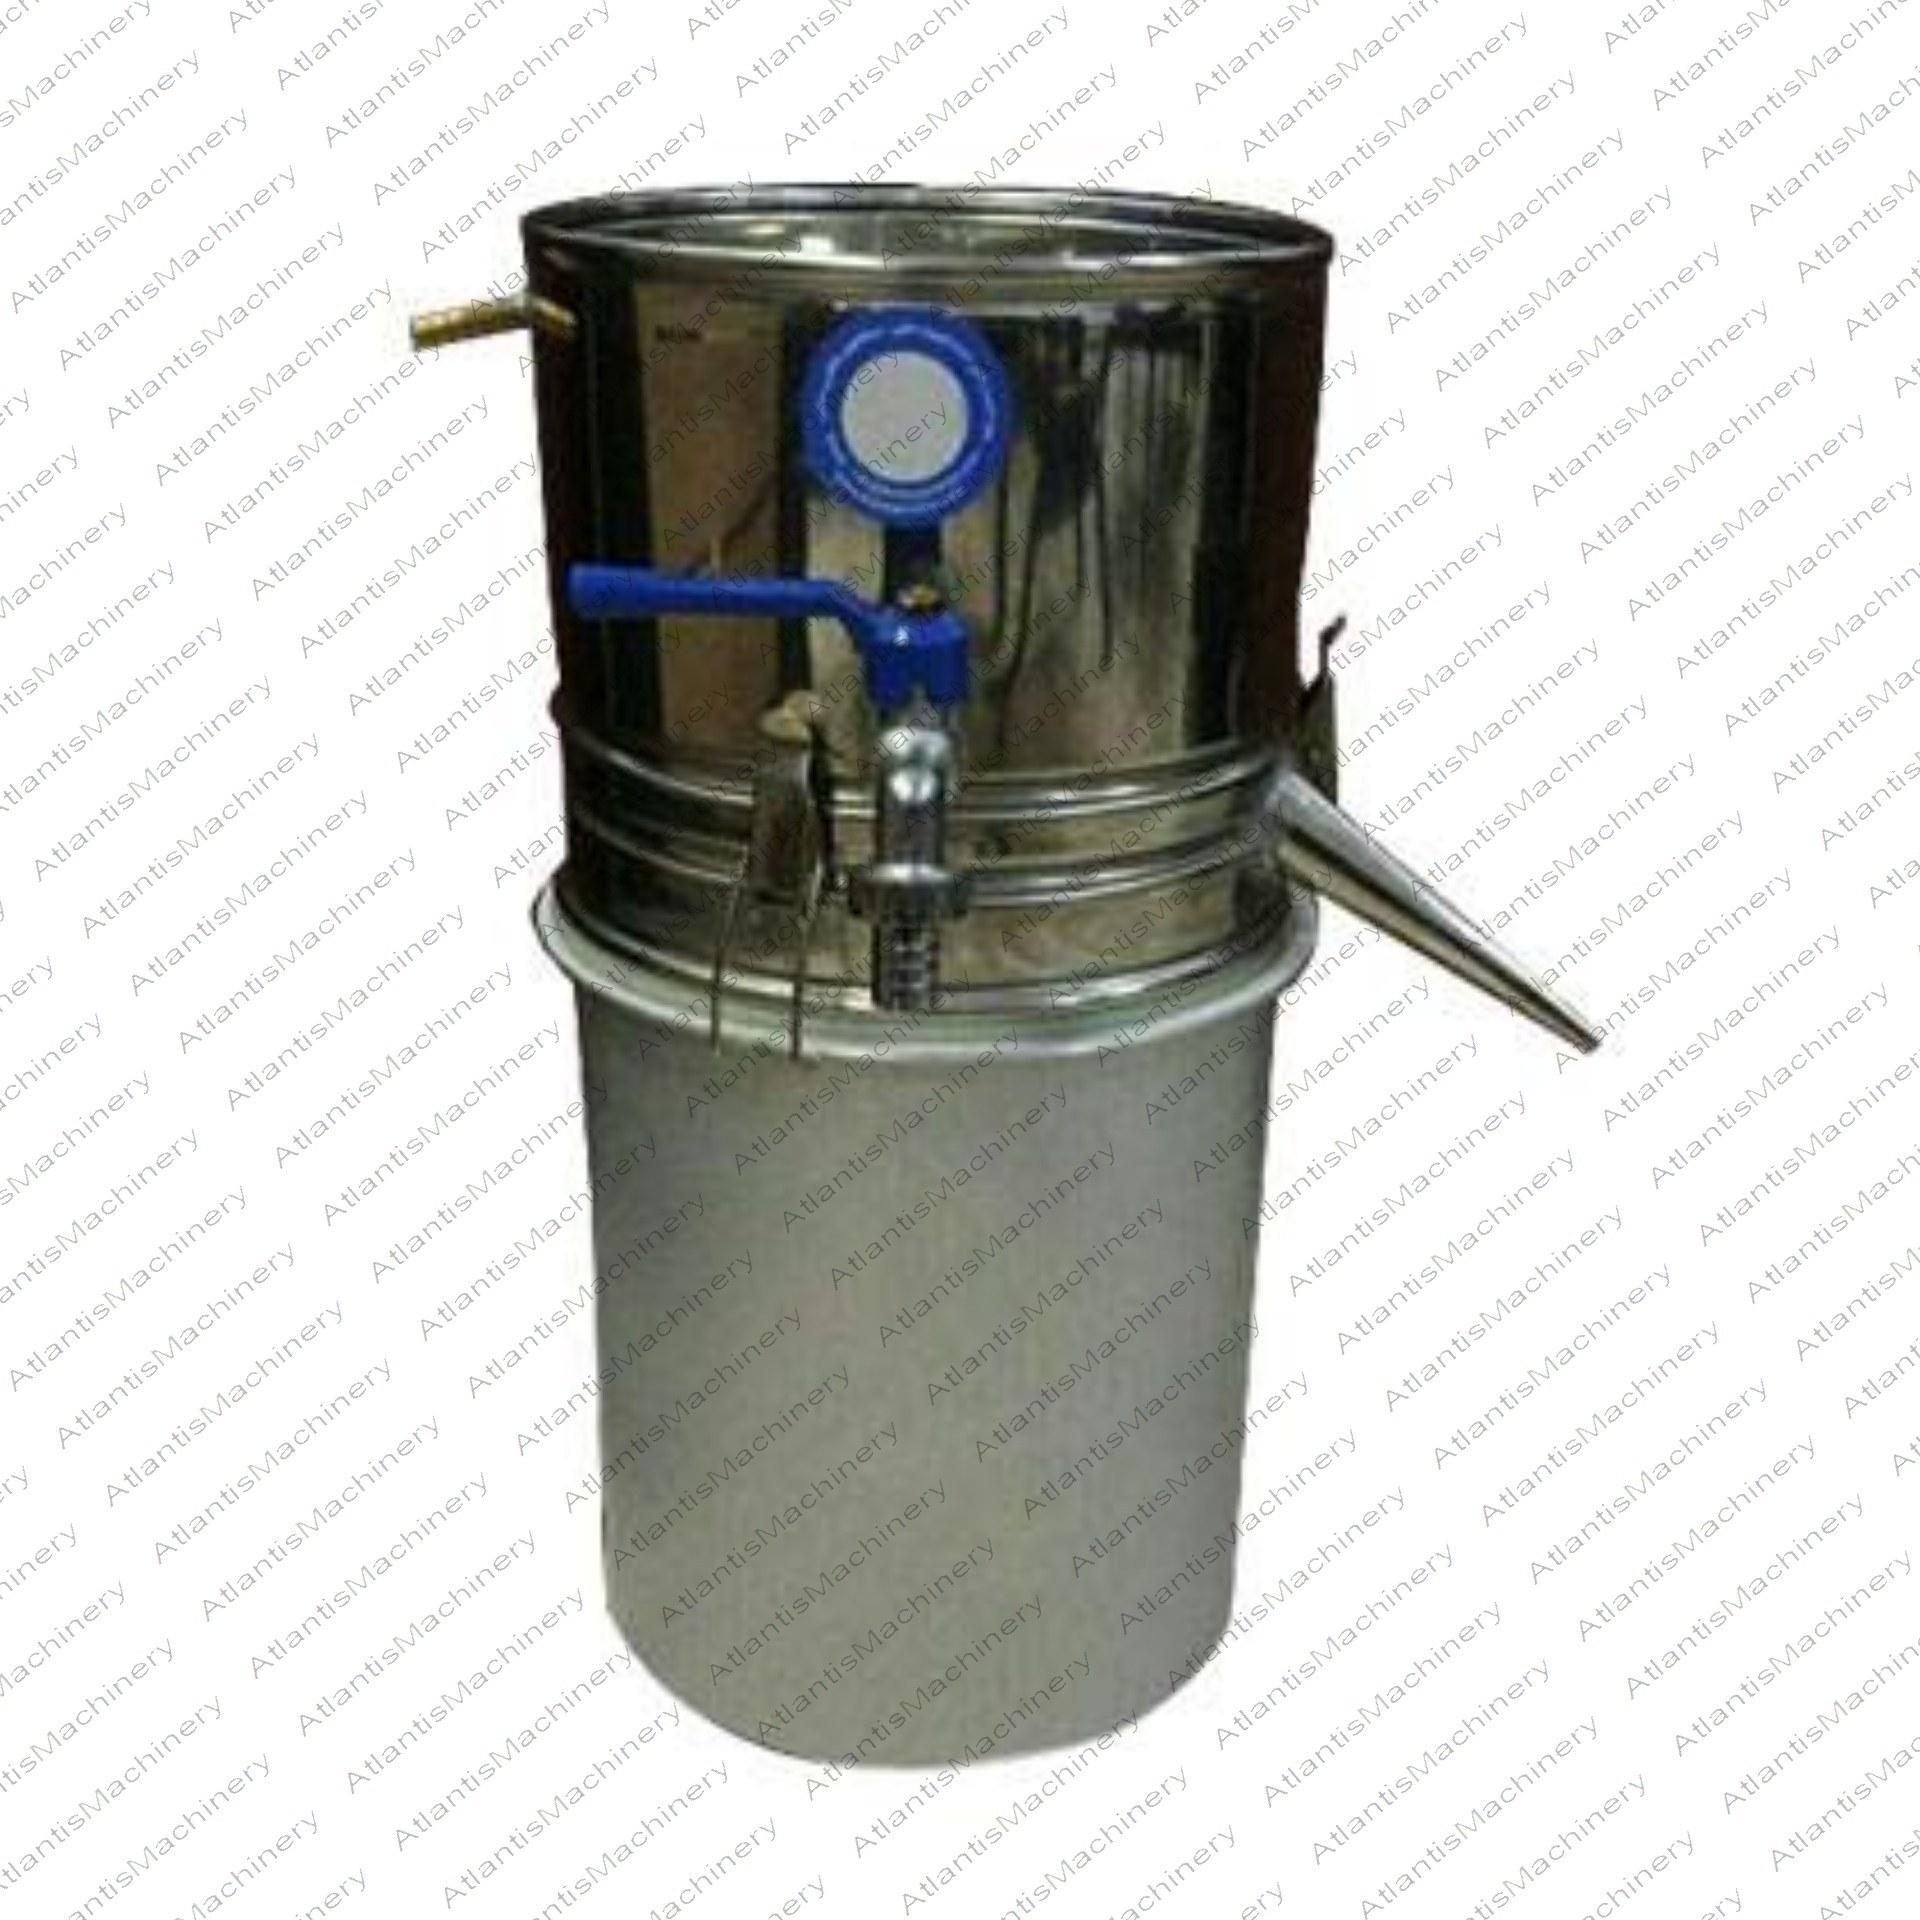 تصویر دستگاه تقطیر(عرقگیر) 10 لیتری سنتی لوله کوتاه با کندانسور(خنک کننده) آبی ایرانی